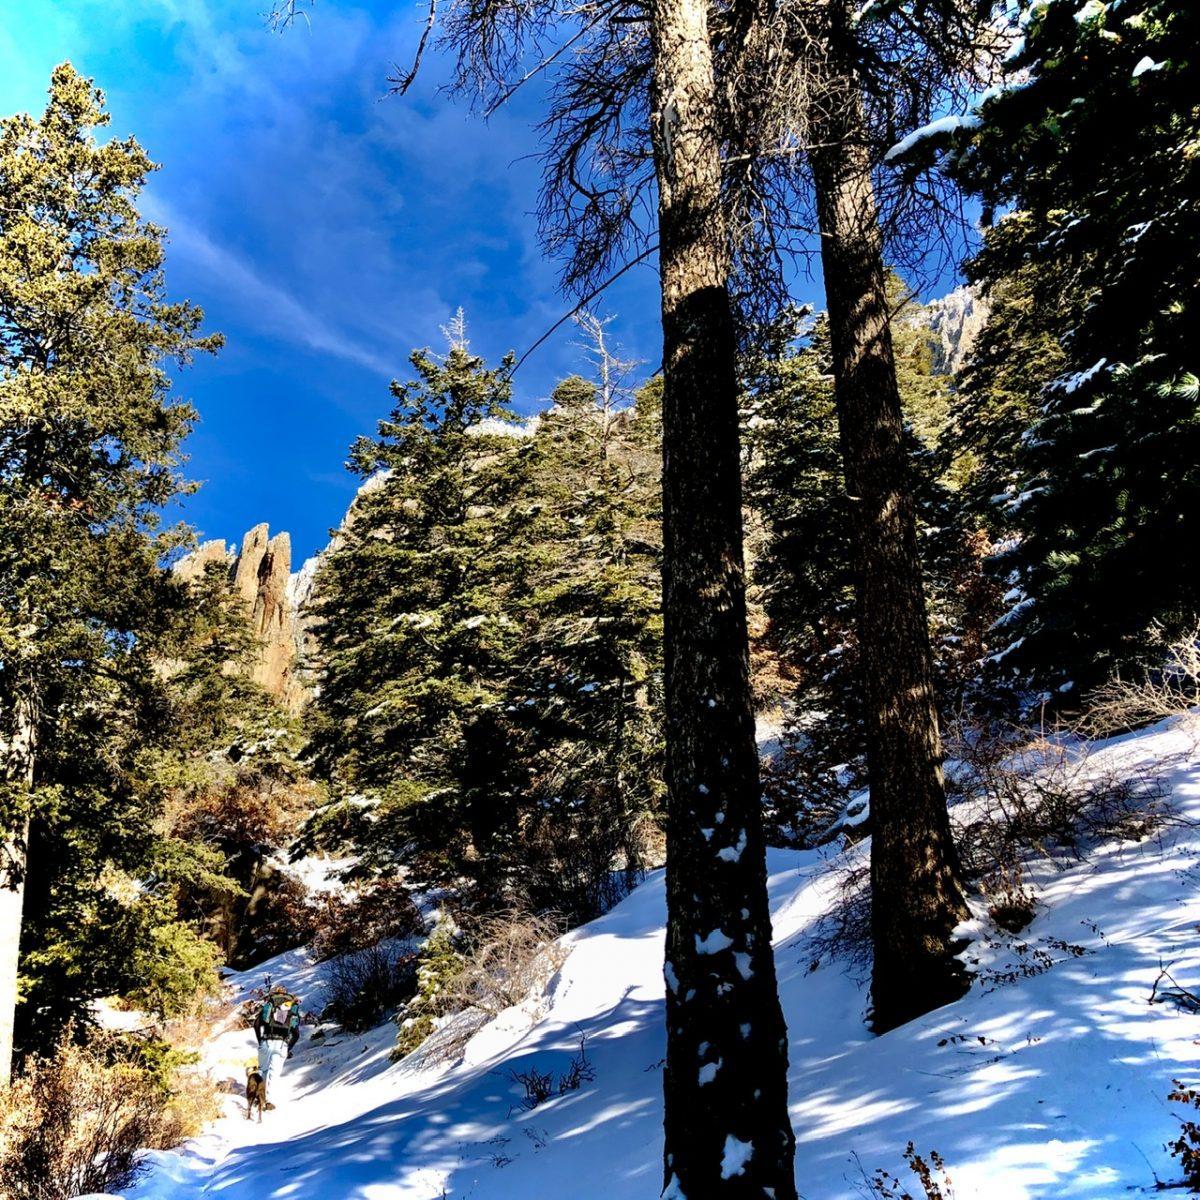 La Luz Trail, Sandia Mountain Albuquerque, New Mexico